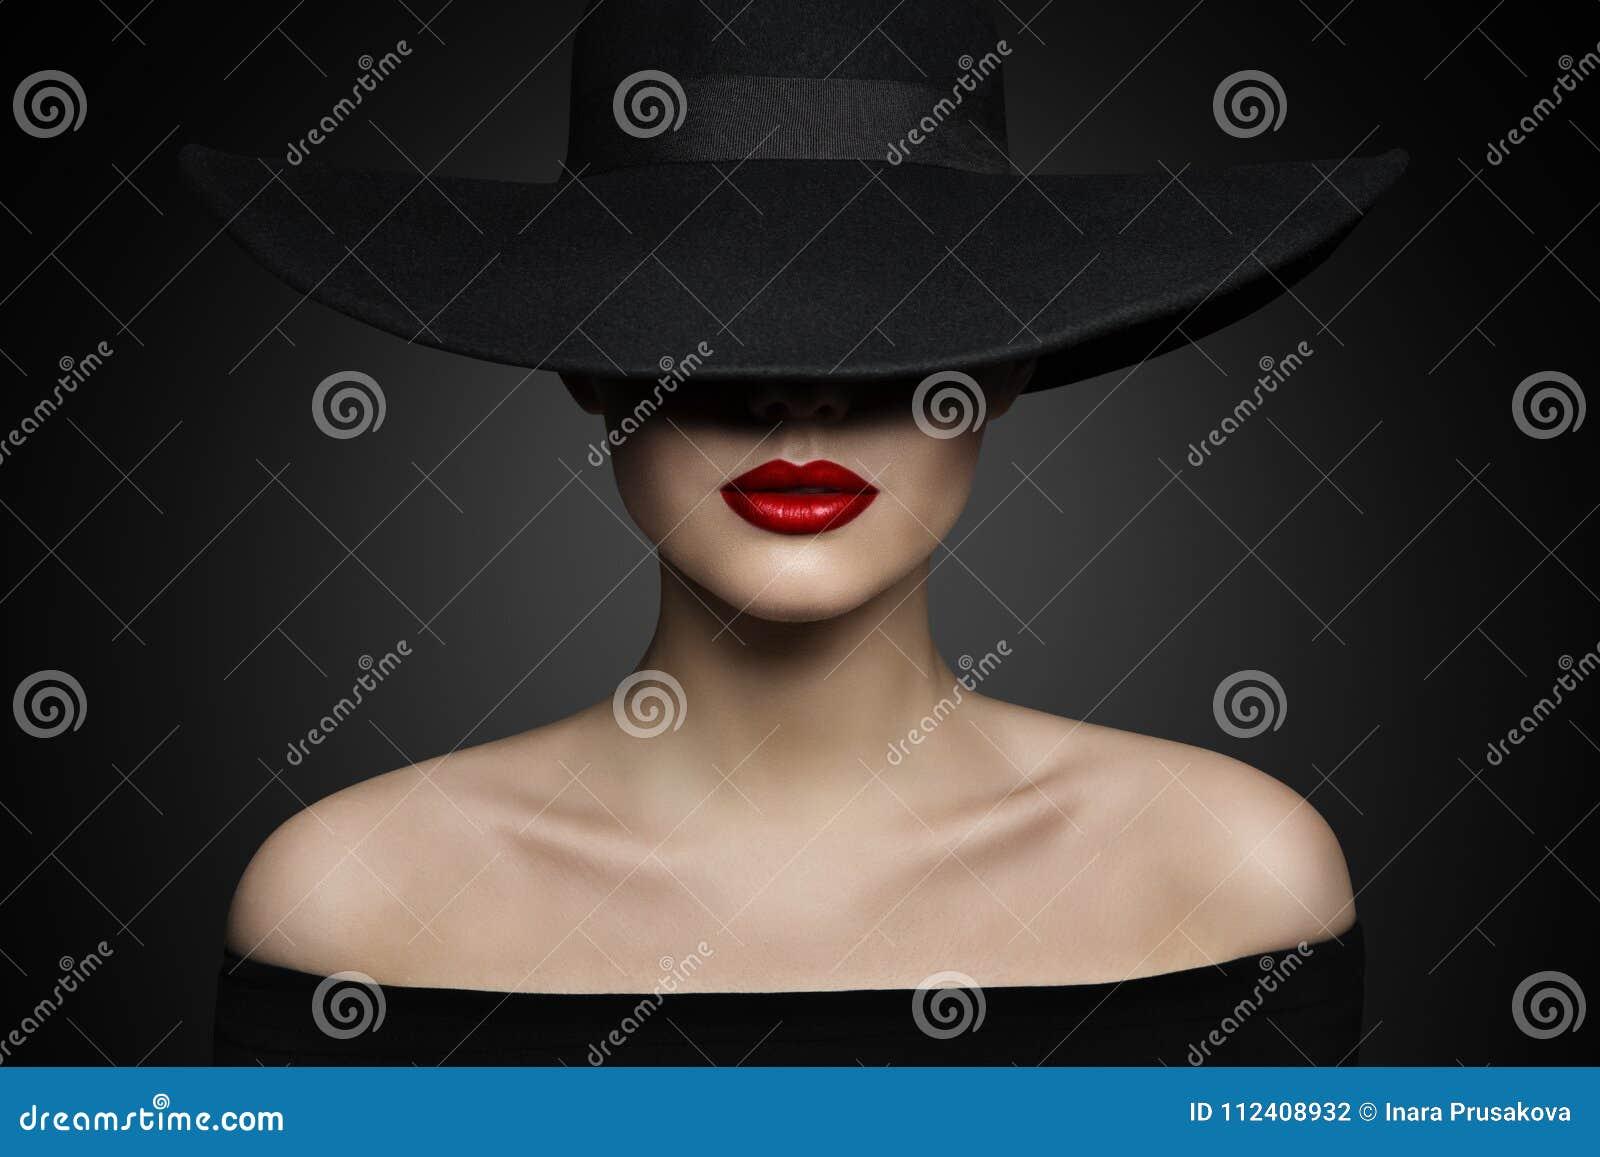 Bordos do chapéu da mulher e ombro, modelo de forma elegante no chapéu negro